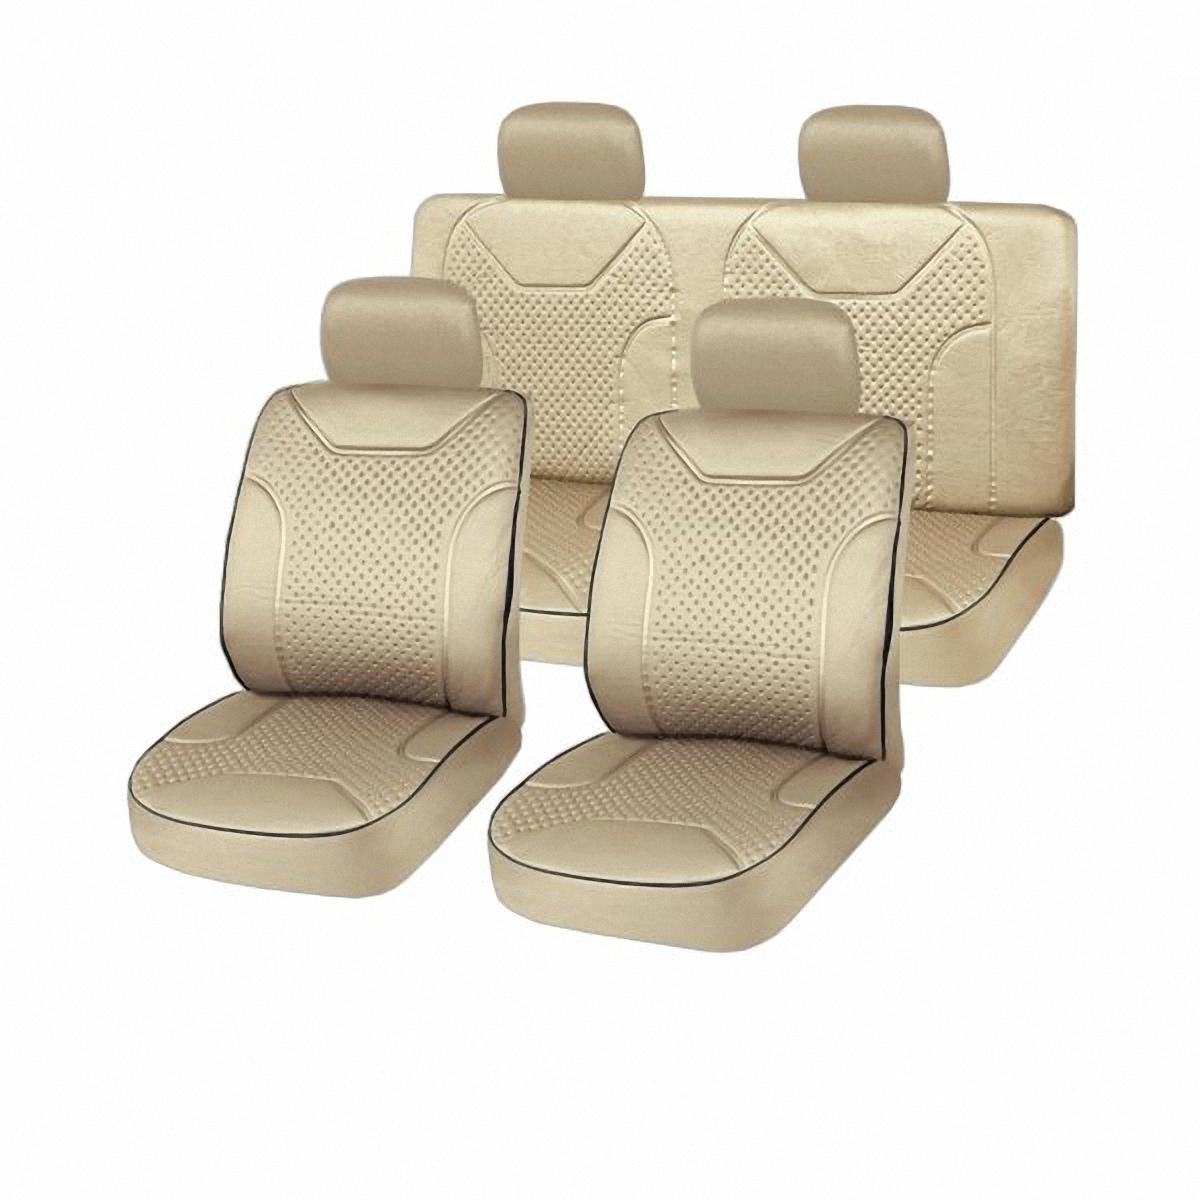 Чехлы автомобильные Skyway. S01301018Ветерок 2ГФВам не хватает уюта и комфорта в салоне? Самый лучший способ изменить это – «одеть» ваши сидения в чехлы SKYWAY. Изготовленные из прочного материала они защитят ваш салон от износа и повреждений. Более плотный поролон позволяет чехлам полностью прилегать к сидению автомобиля и меньше растягиваться в процессе использования. Ткань чехлов на сиденья SKYWAY не вытягивается, не истирается, великолепно сохраняет форму, устойчива к световому и тепловому воздействию, а ровные, крепкие швы не разойдутся даже при сильном натяжении.